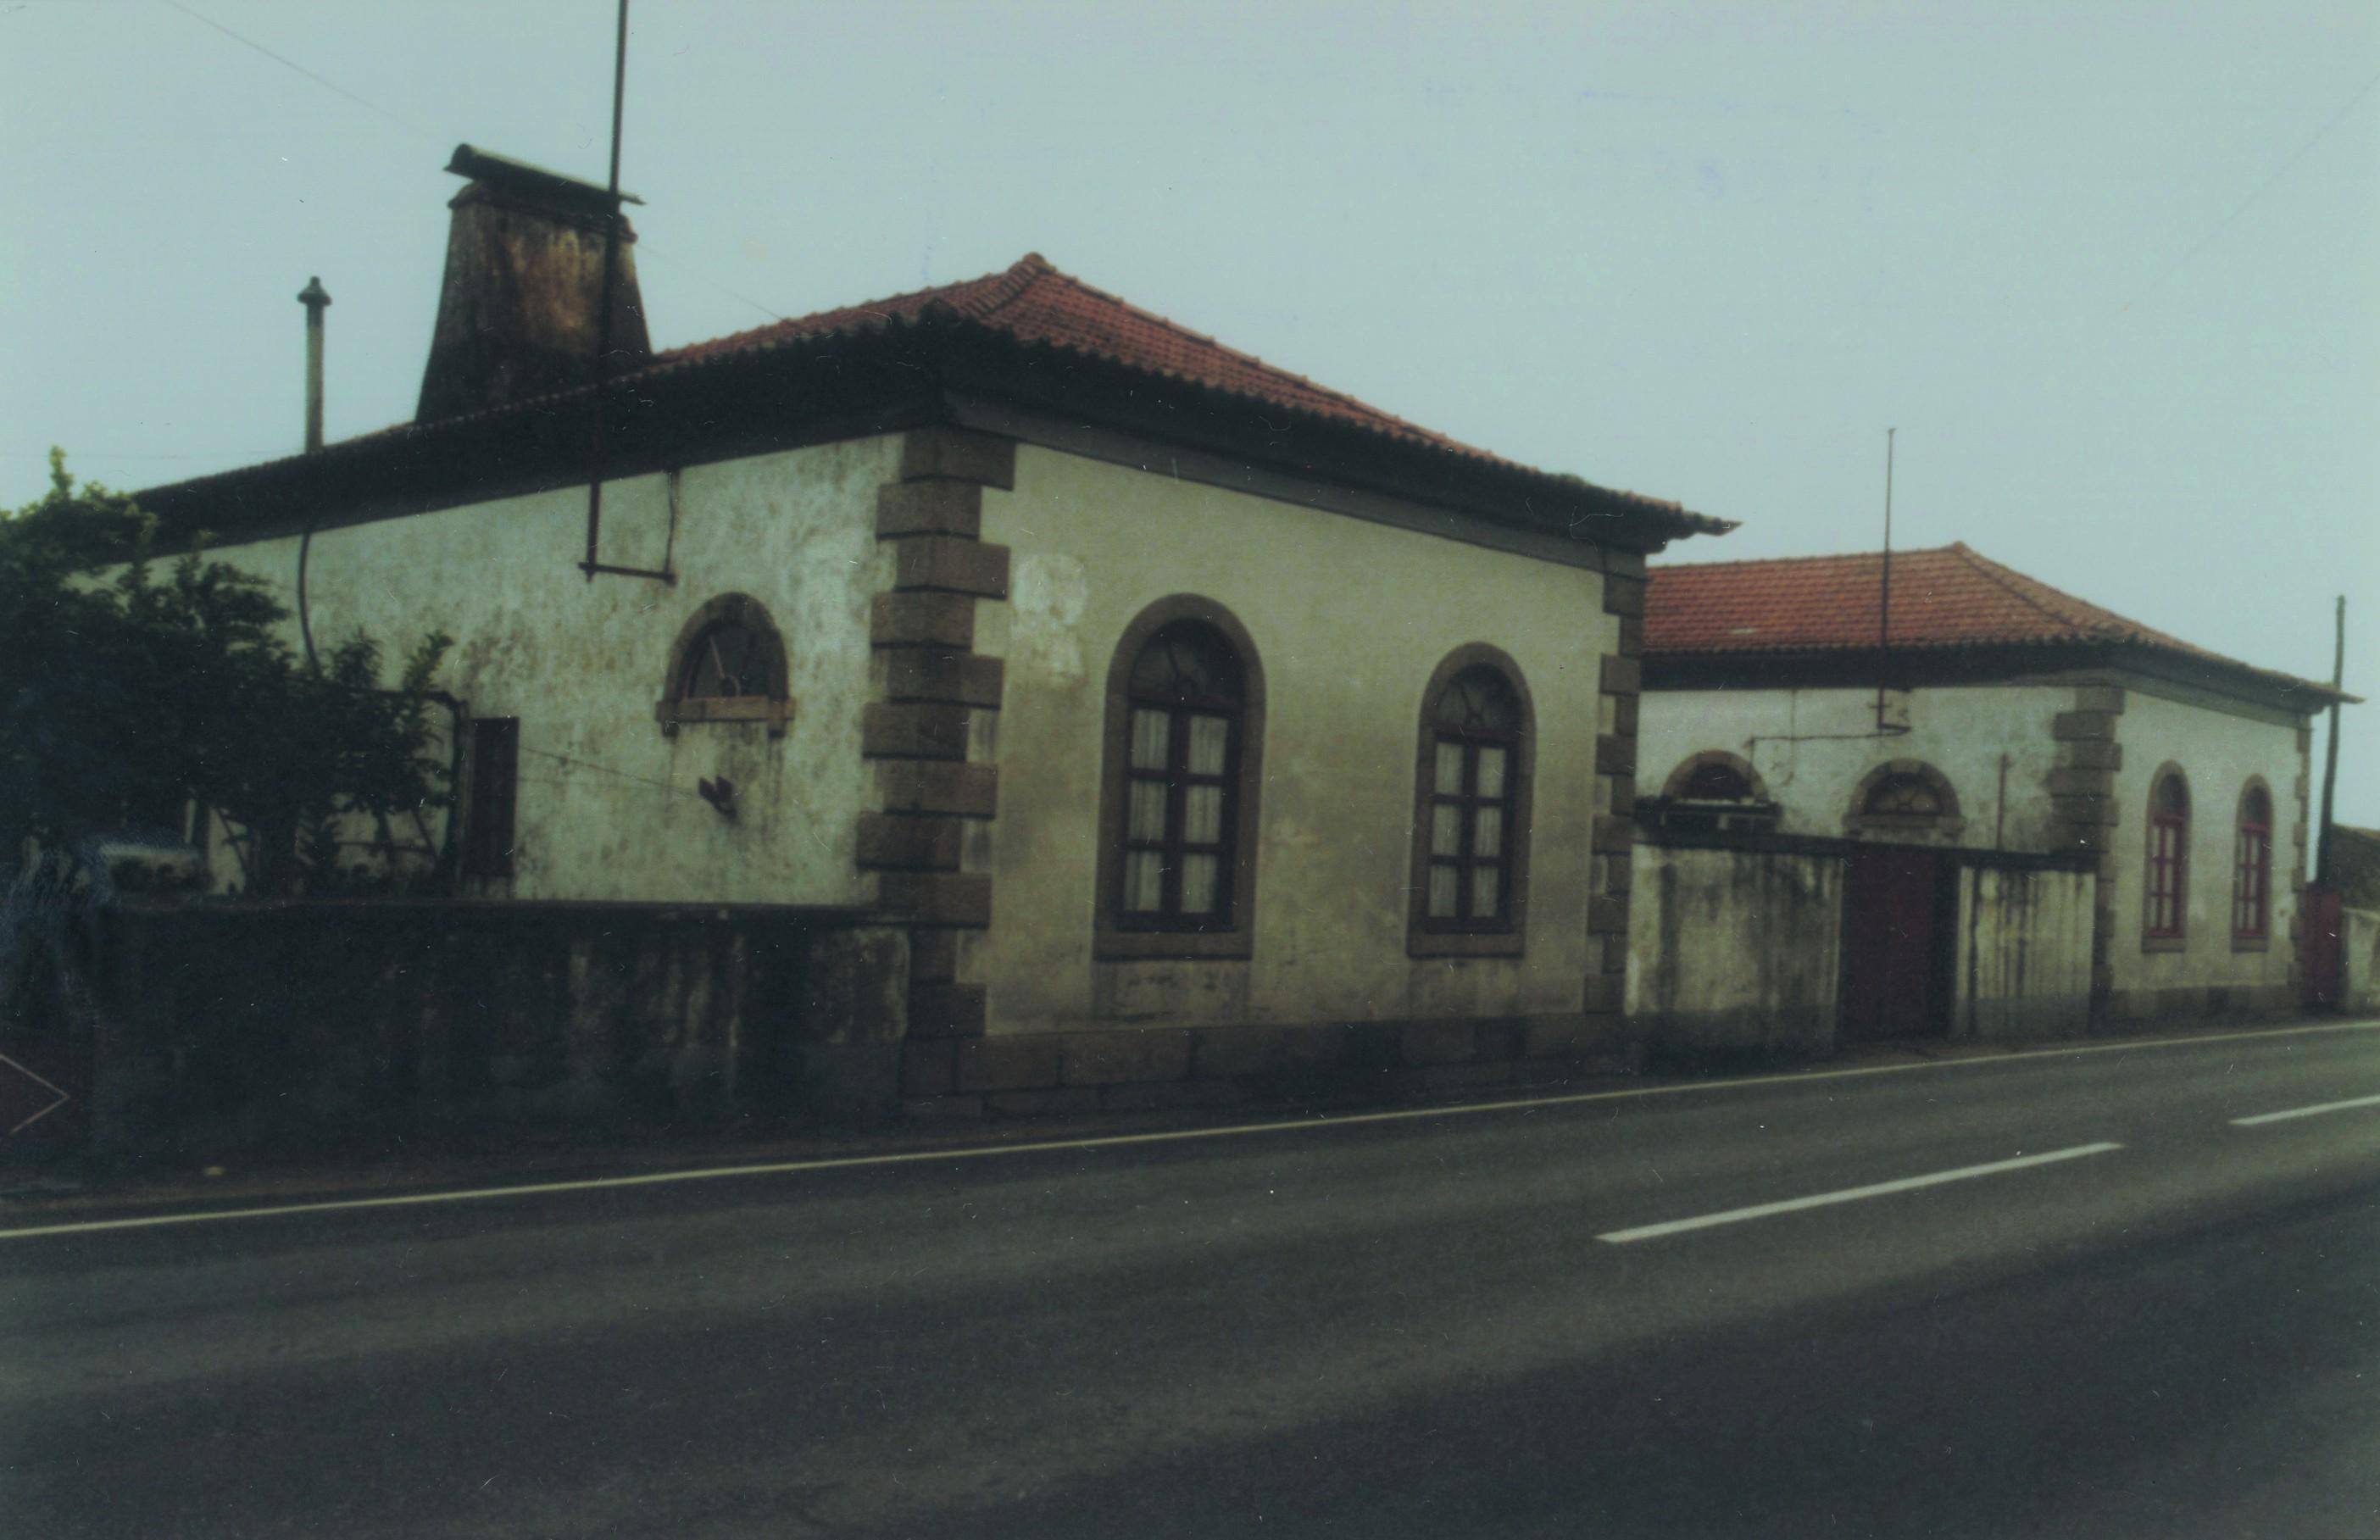 Malaposta, Pinheiro da Bemposta (1998)